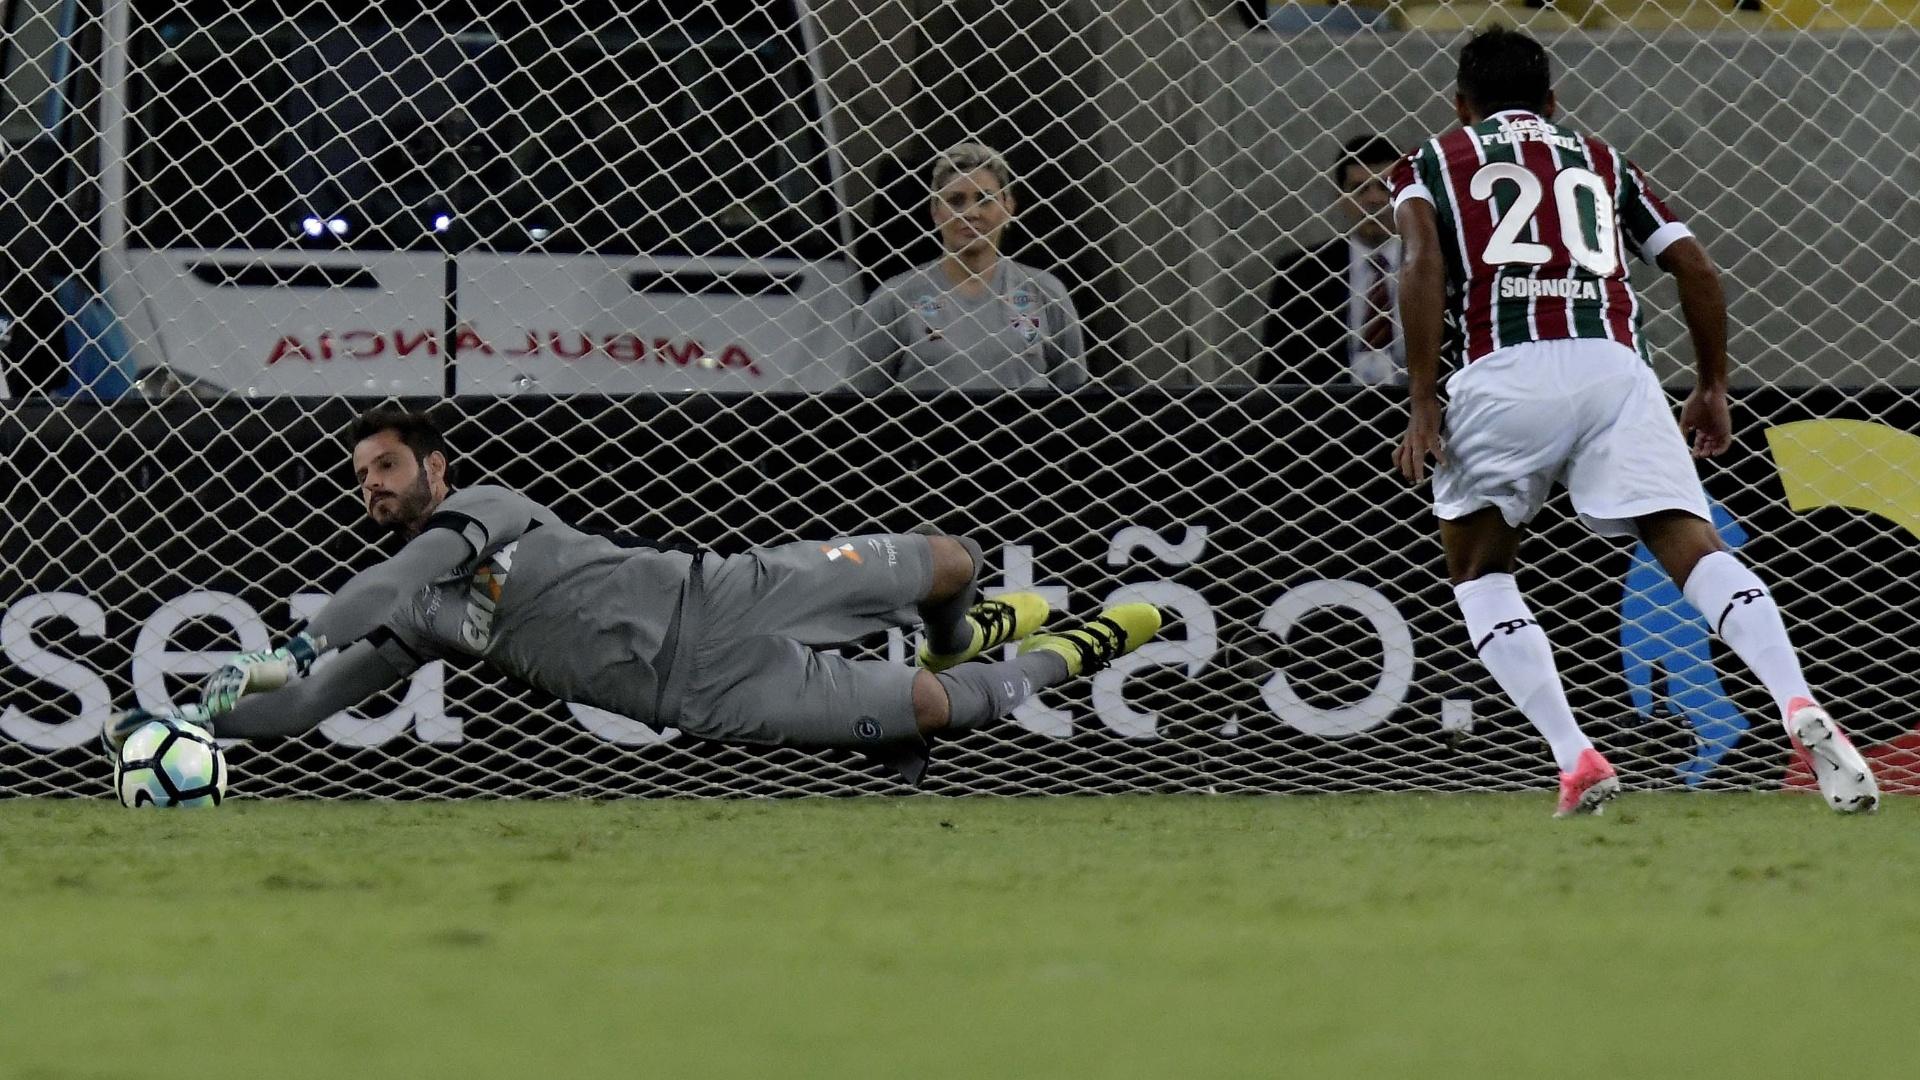 Goleiro Marcelo Rangel, do Goiás, defende o pênalti de Sornoza, do Fluminense